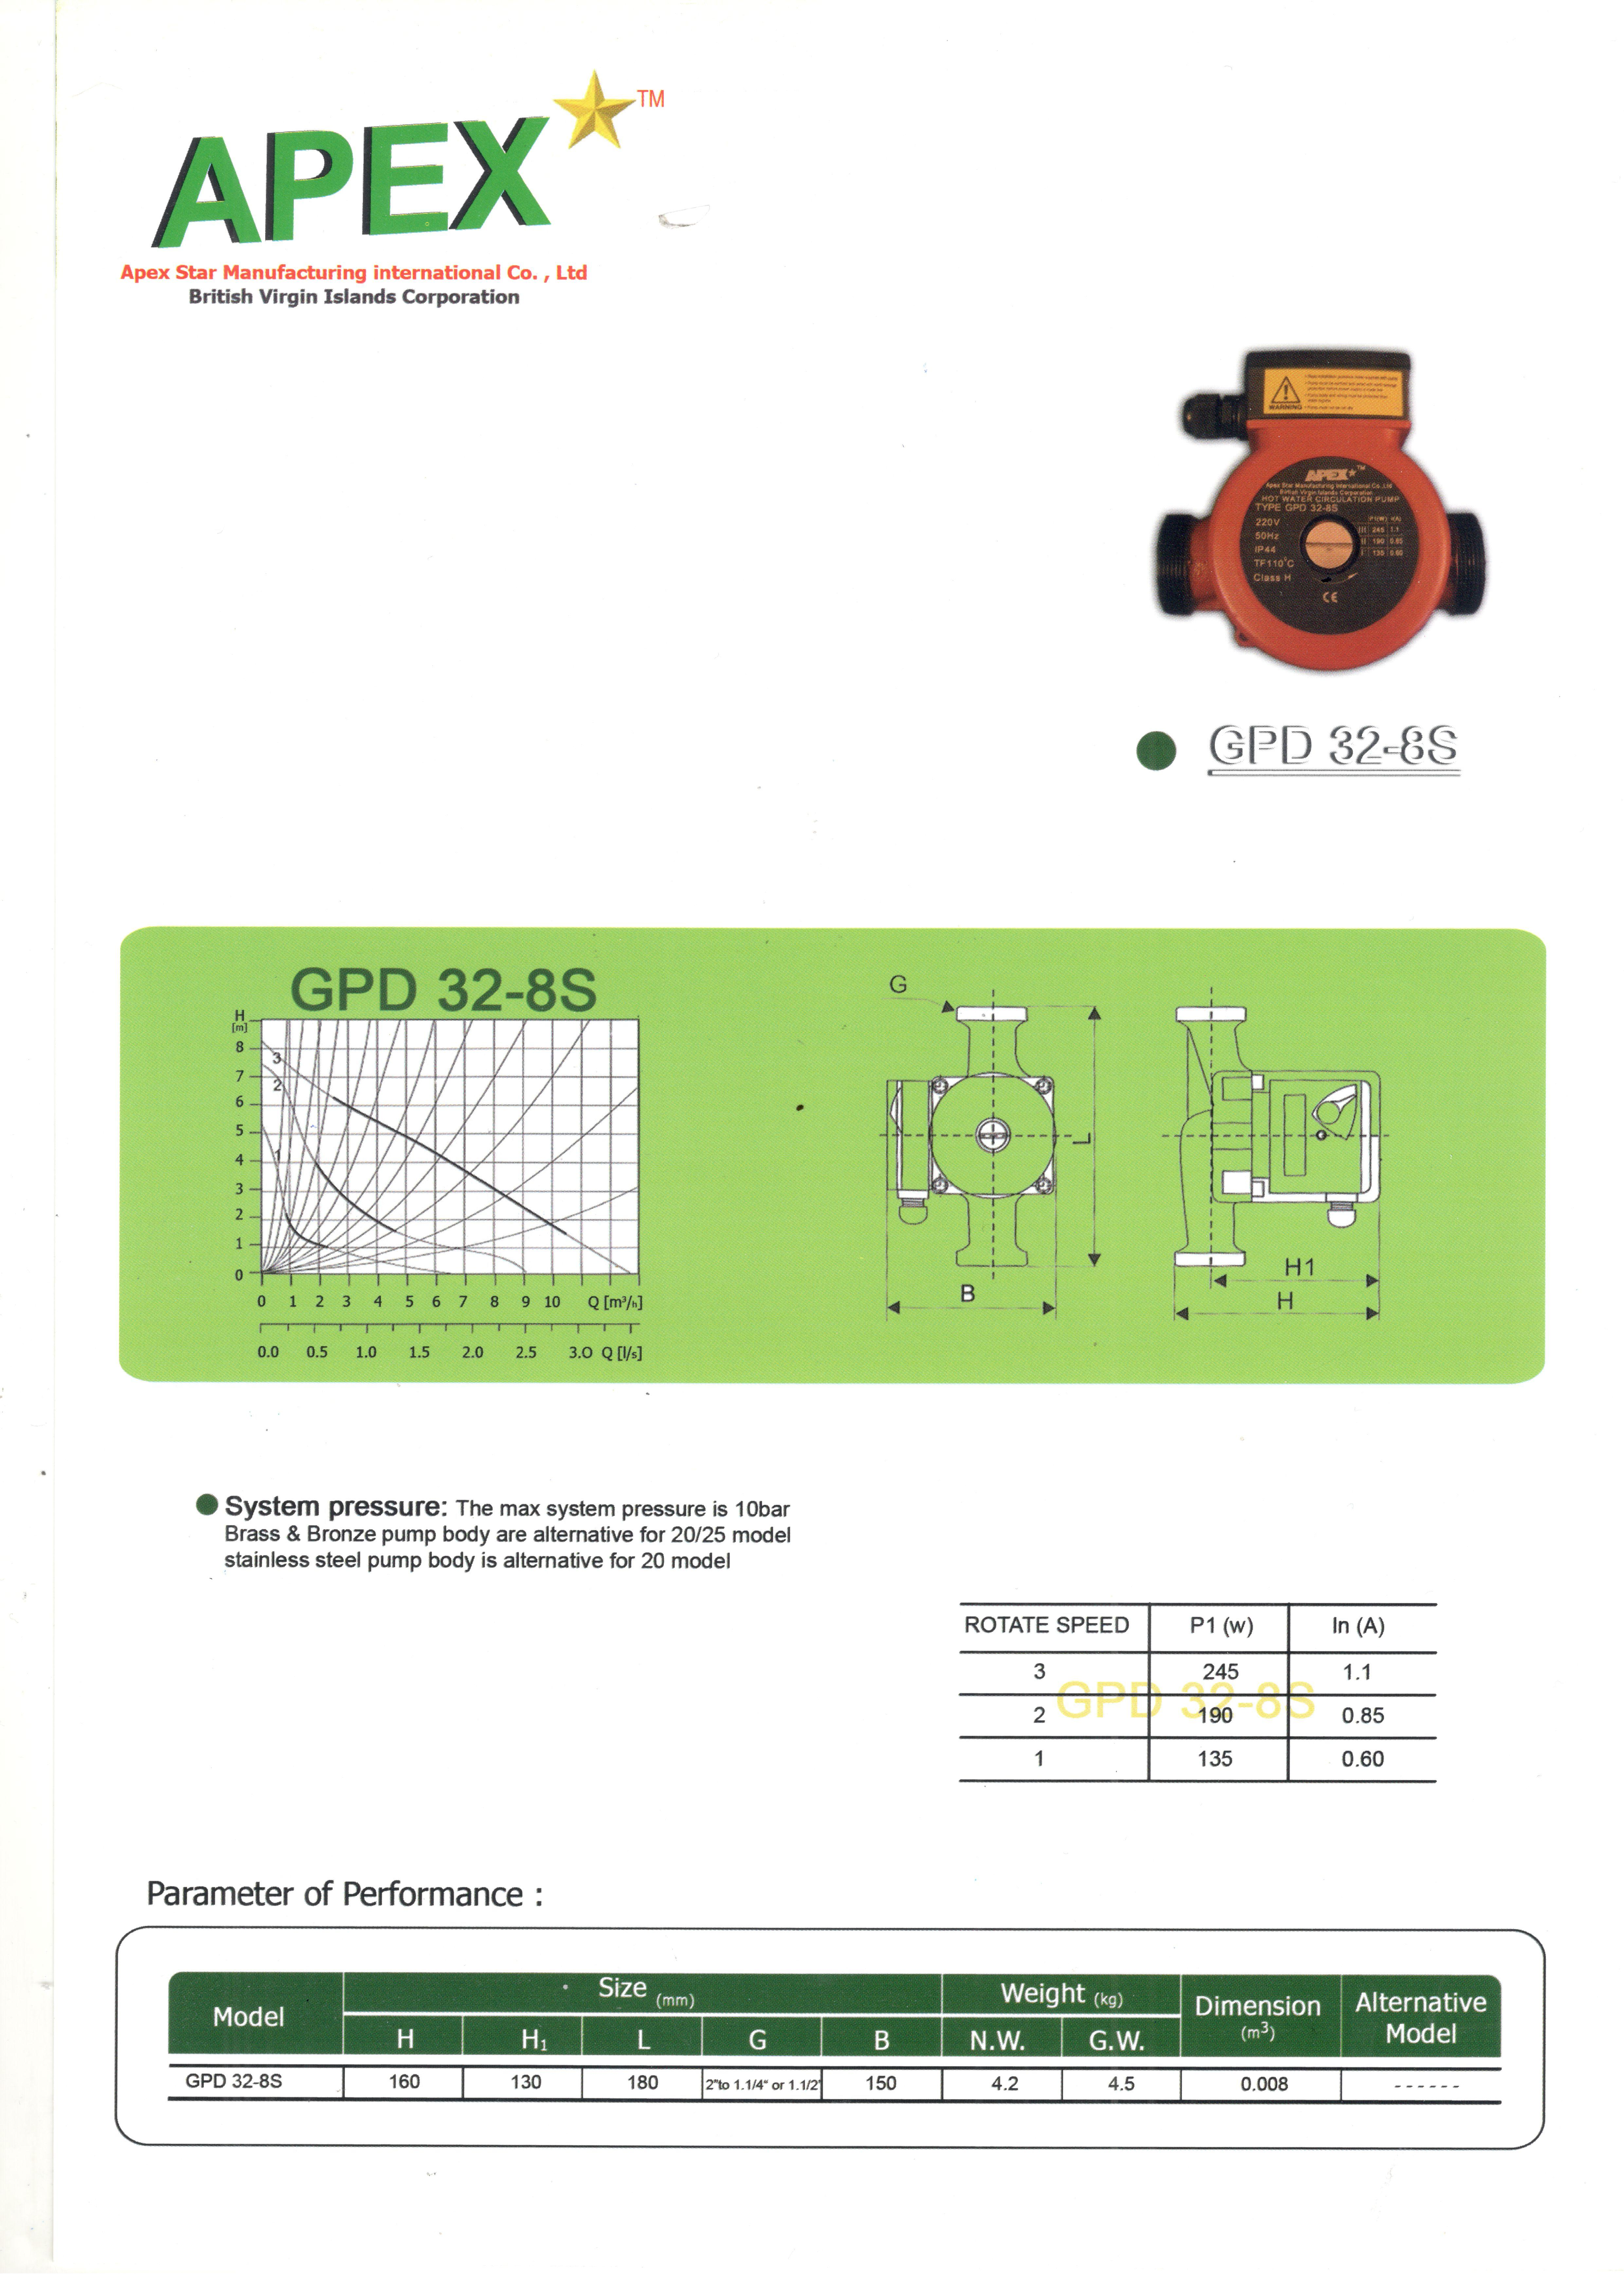 پمپ سیرکولاسیون خطی APEX سری GPD